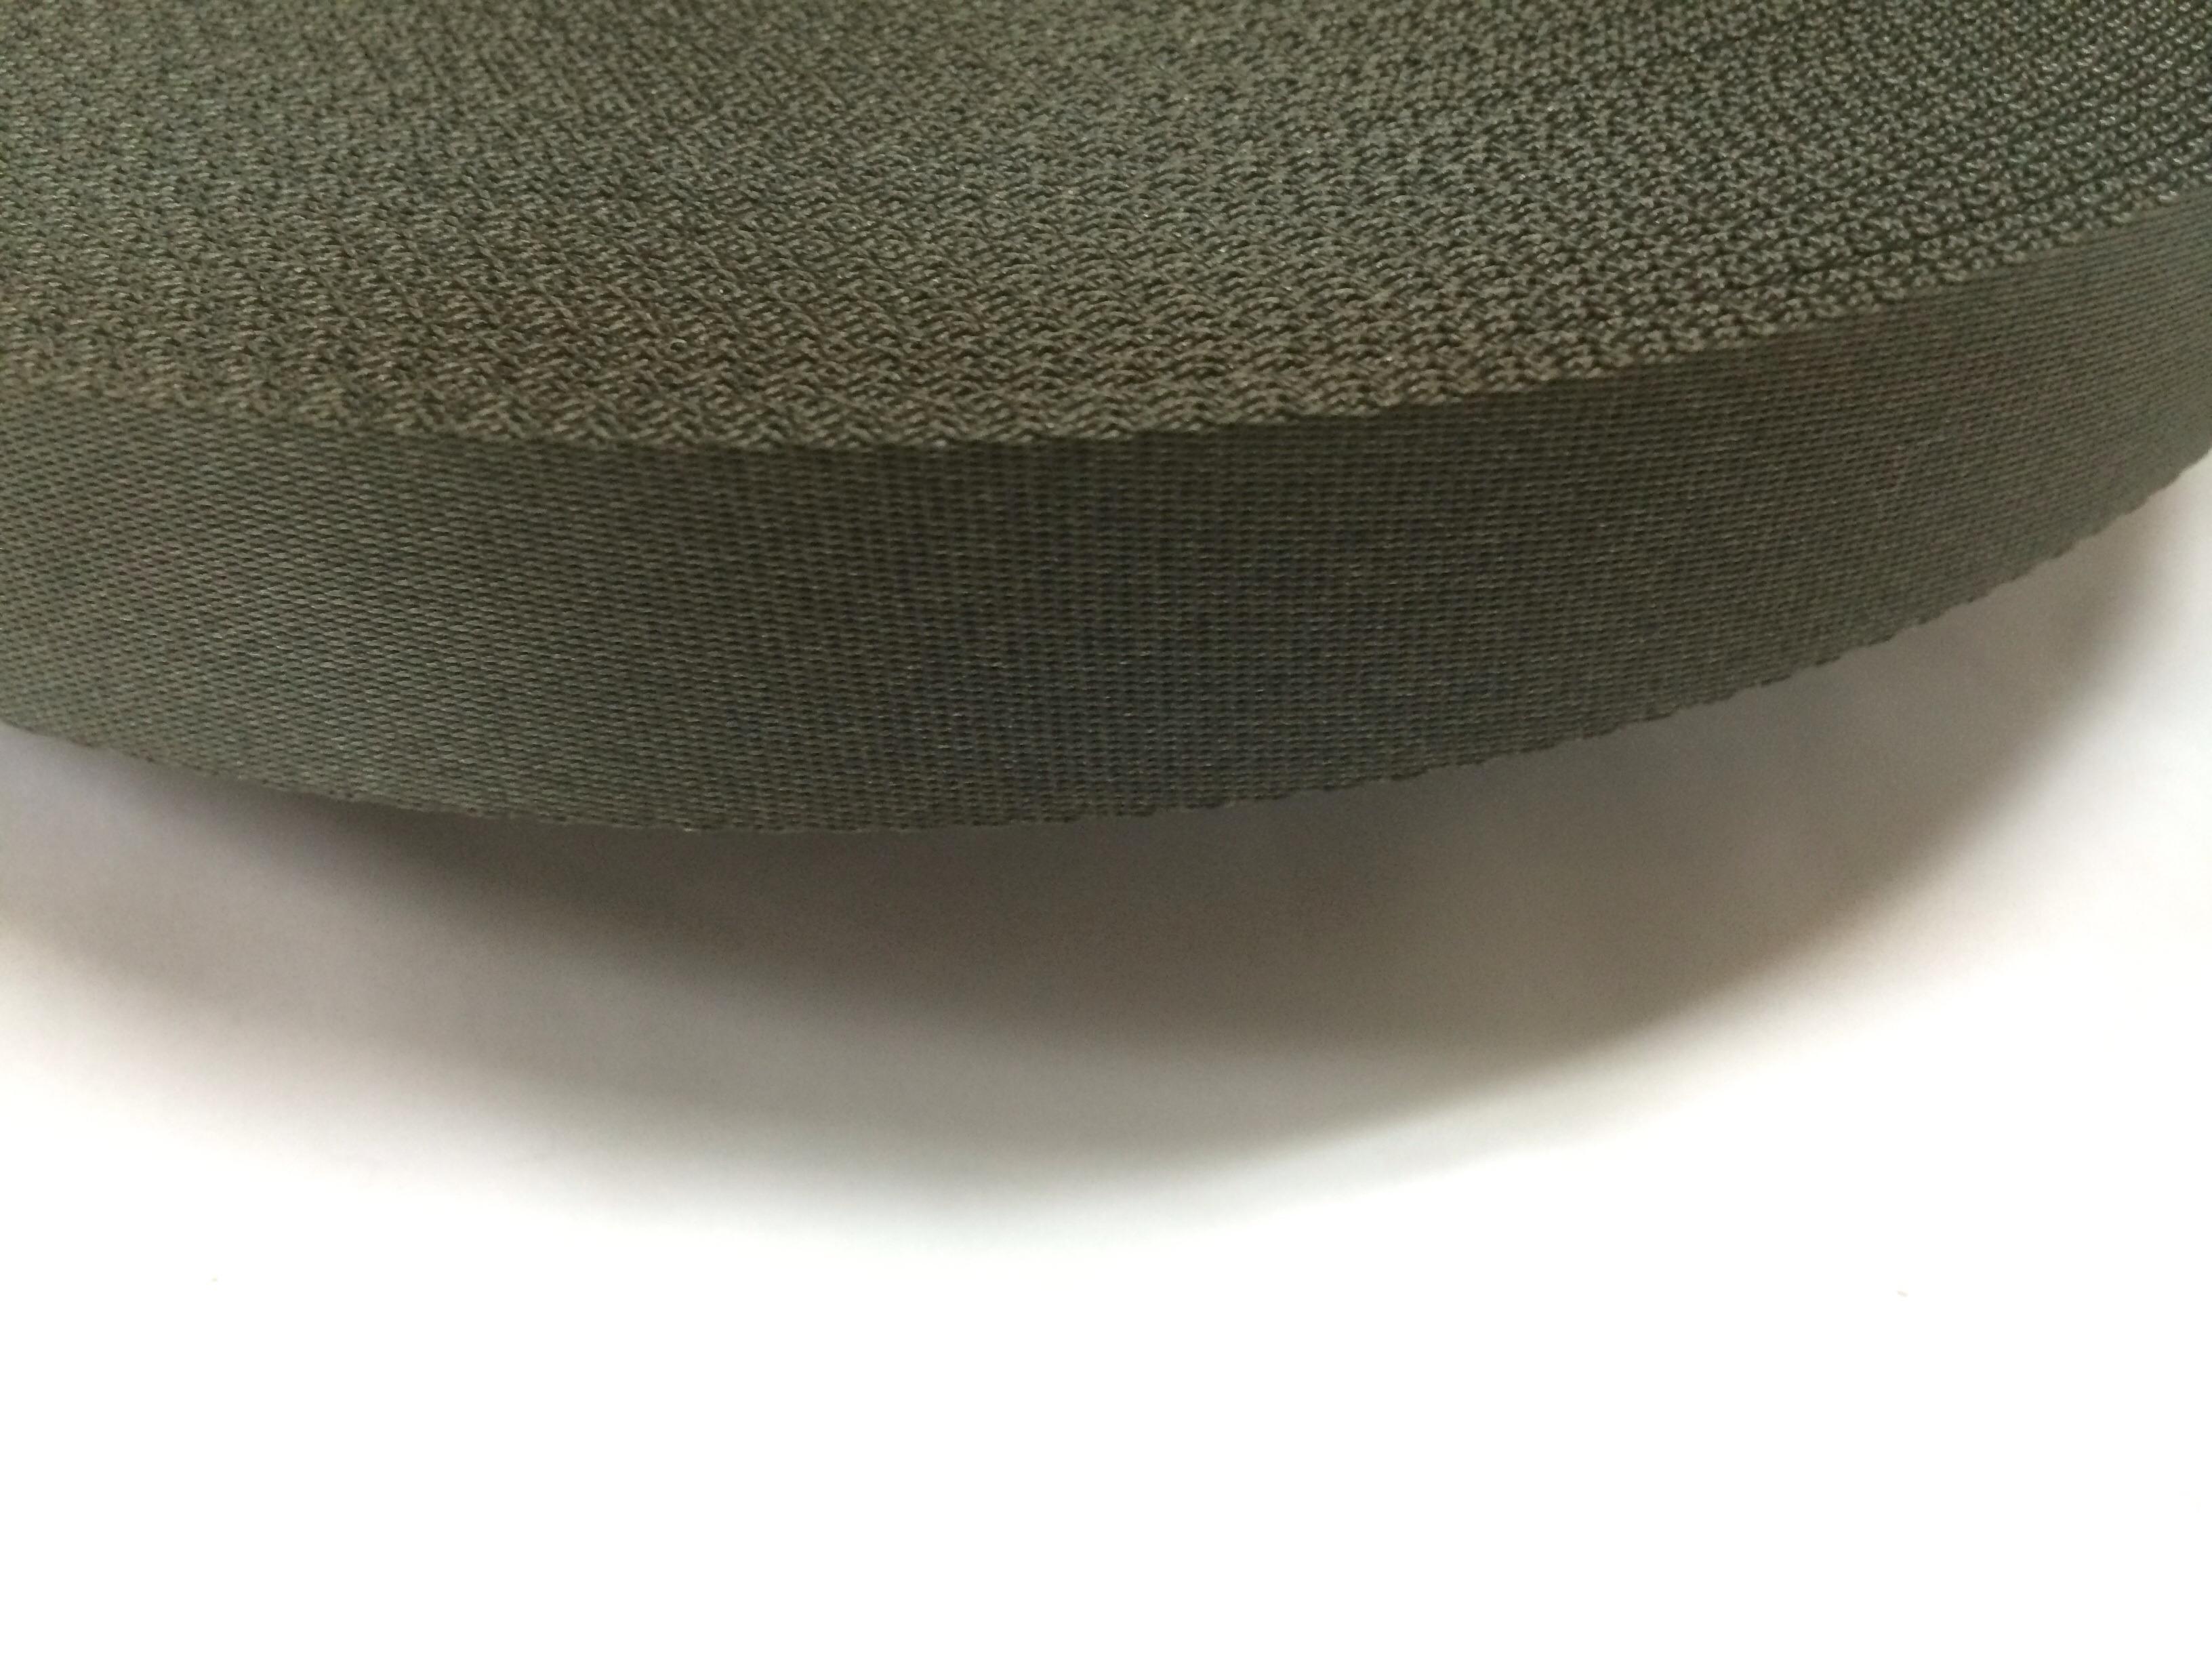 ナイロン 流綾織 定番カラー10㎜幅 1.1㎜厚 1m